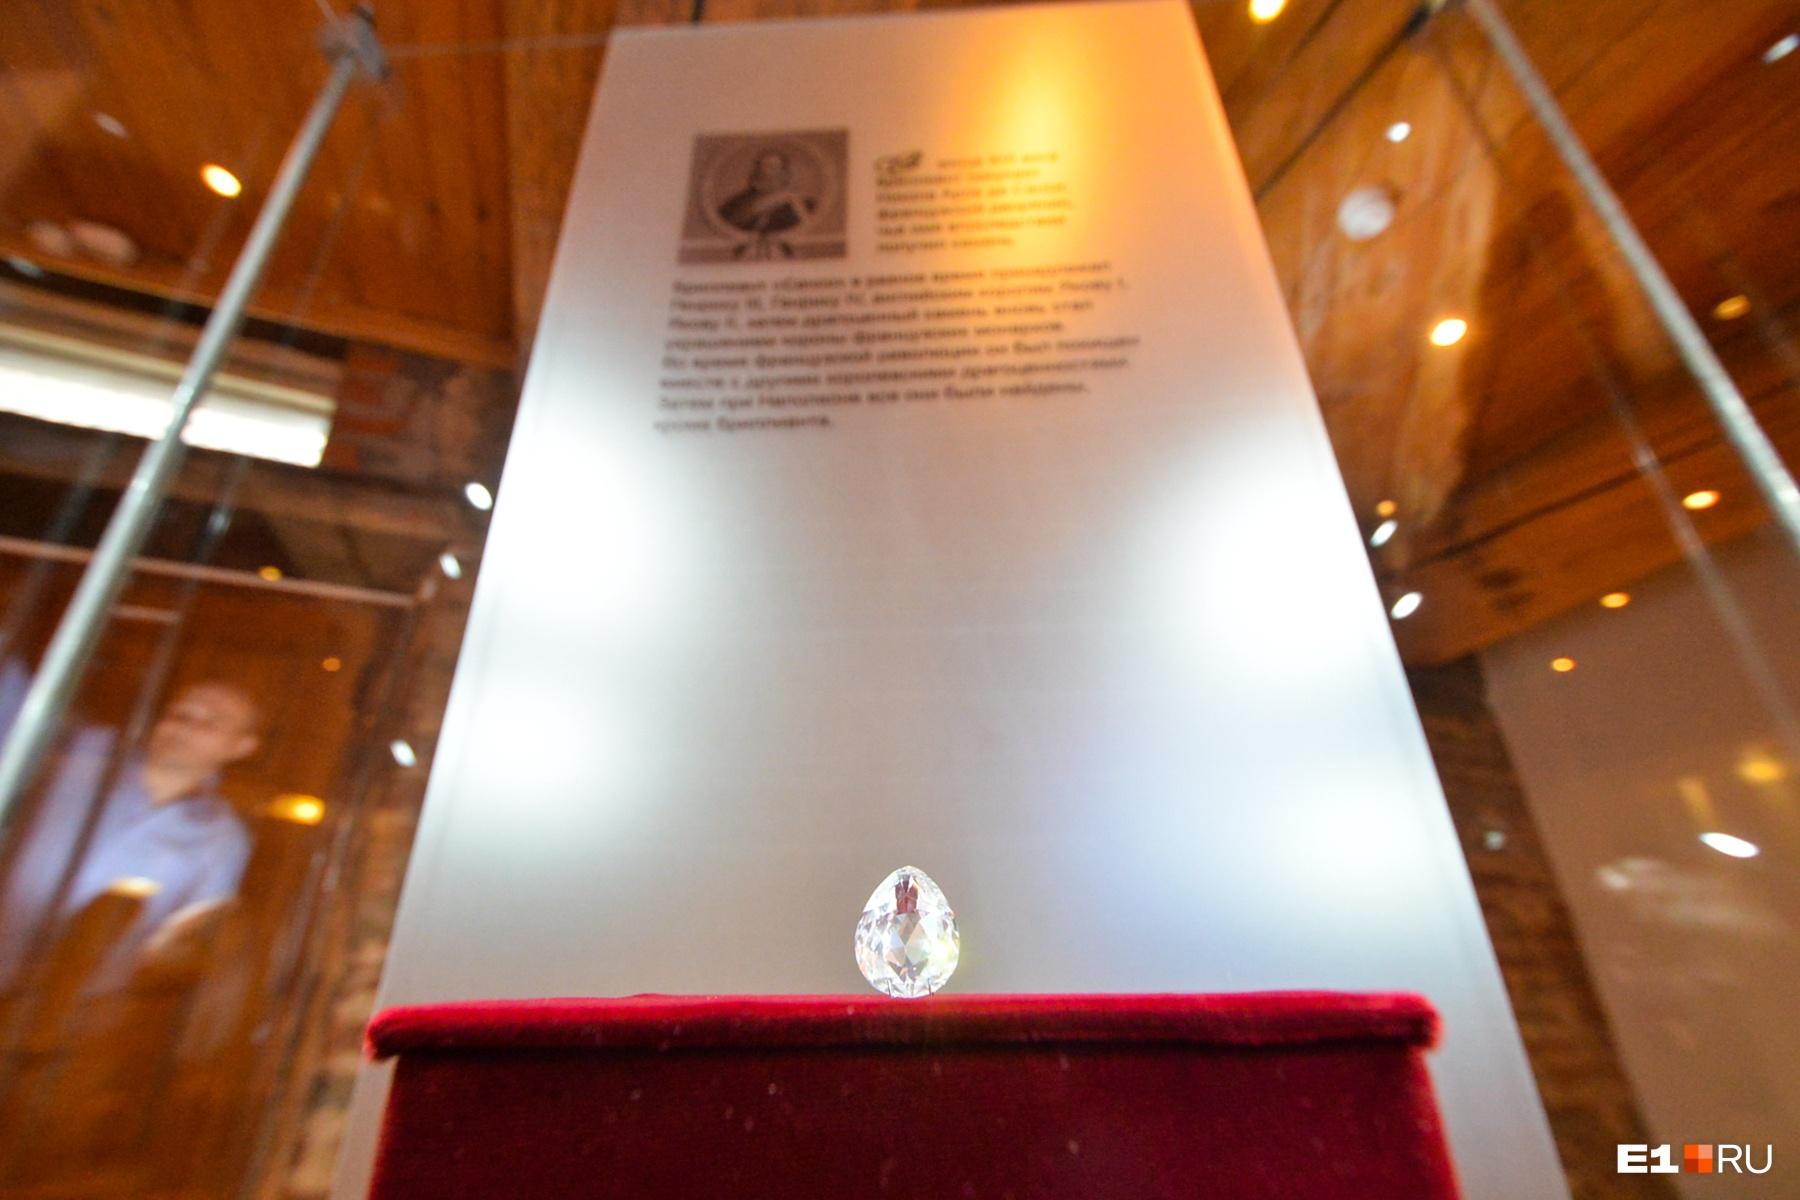 Так выглядел тот самый алмаз Санси размером с перепелиное яйцо